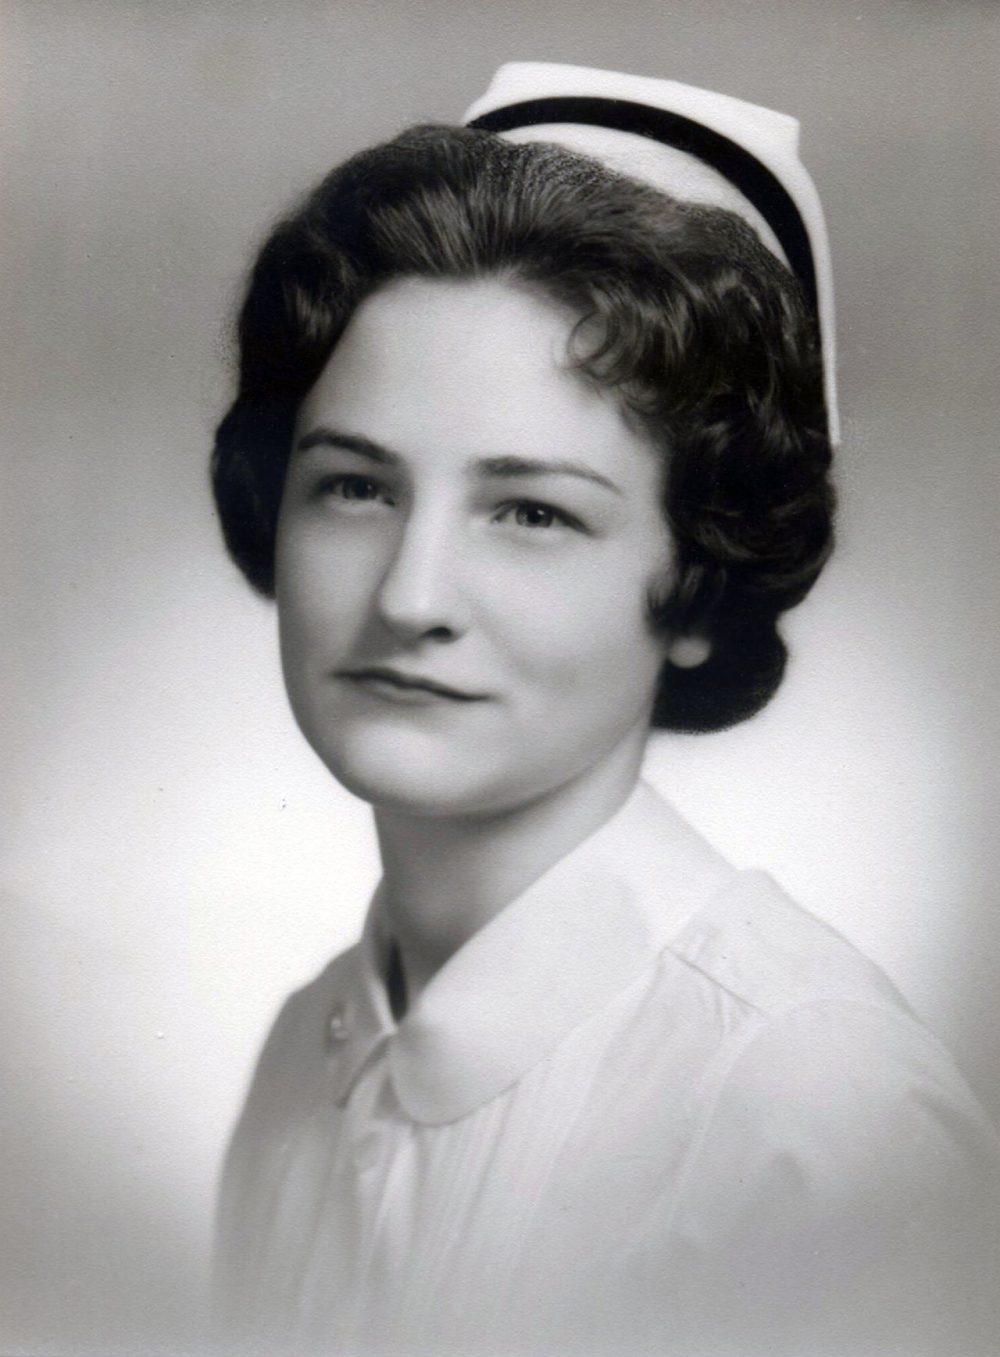 Carol Hiltunen (Courtesy of the Hiltunen family)